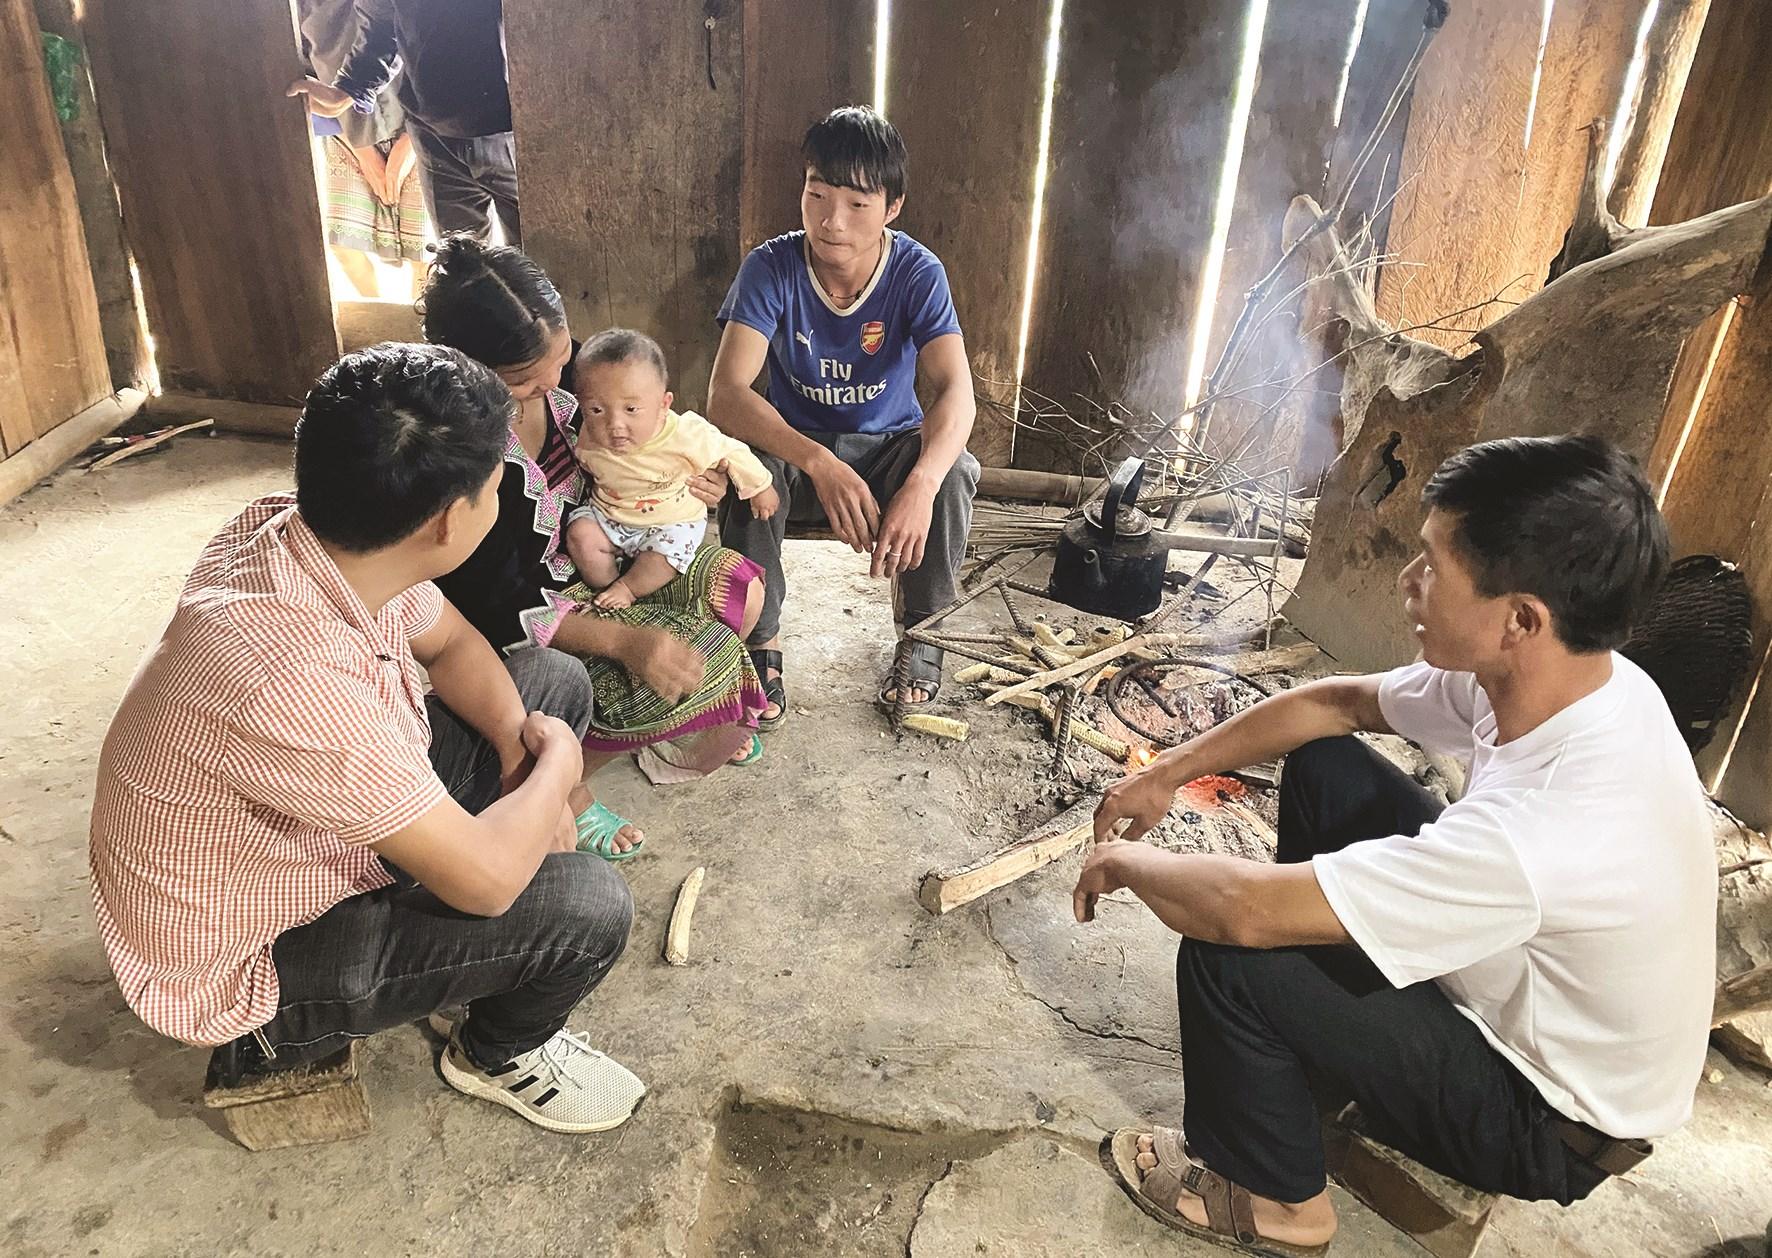 Lãnh đạo huyện, xã thăm hỏi, động viên người nghèo ở huyện Mù Cang Chải (Yên Bái)